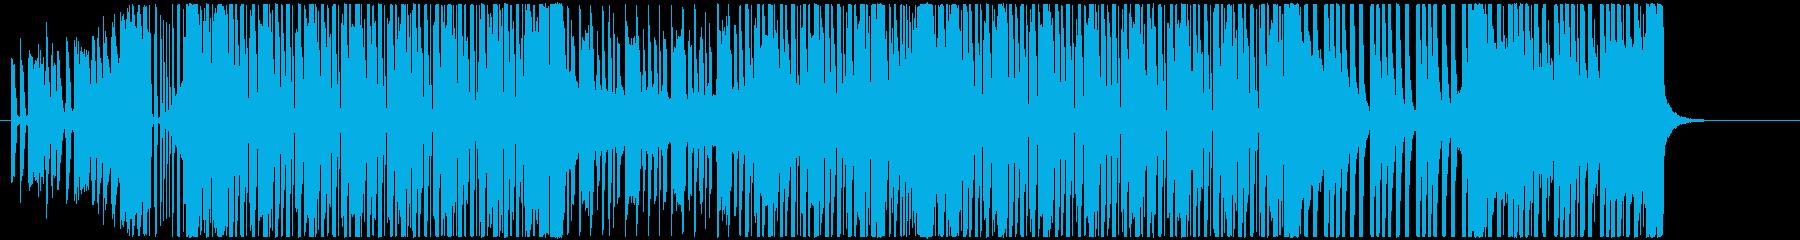 ロックギターダンスミュージックの再生済みの波形